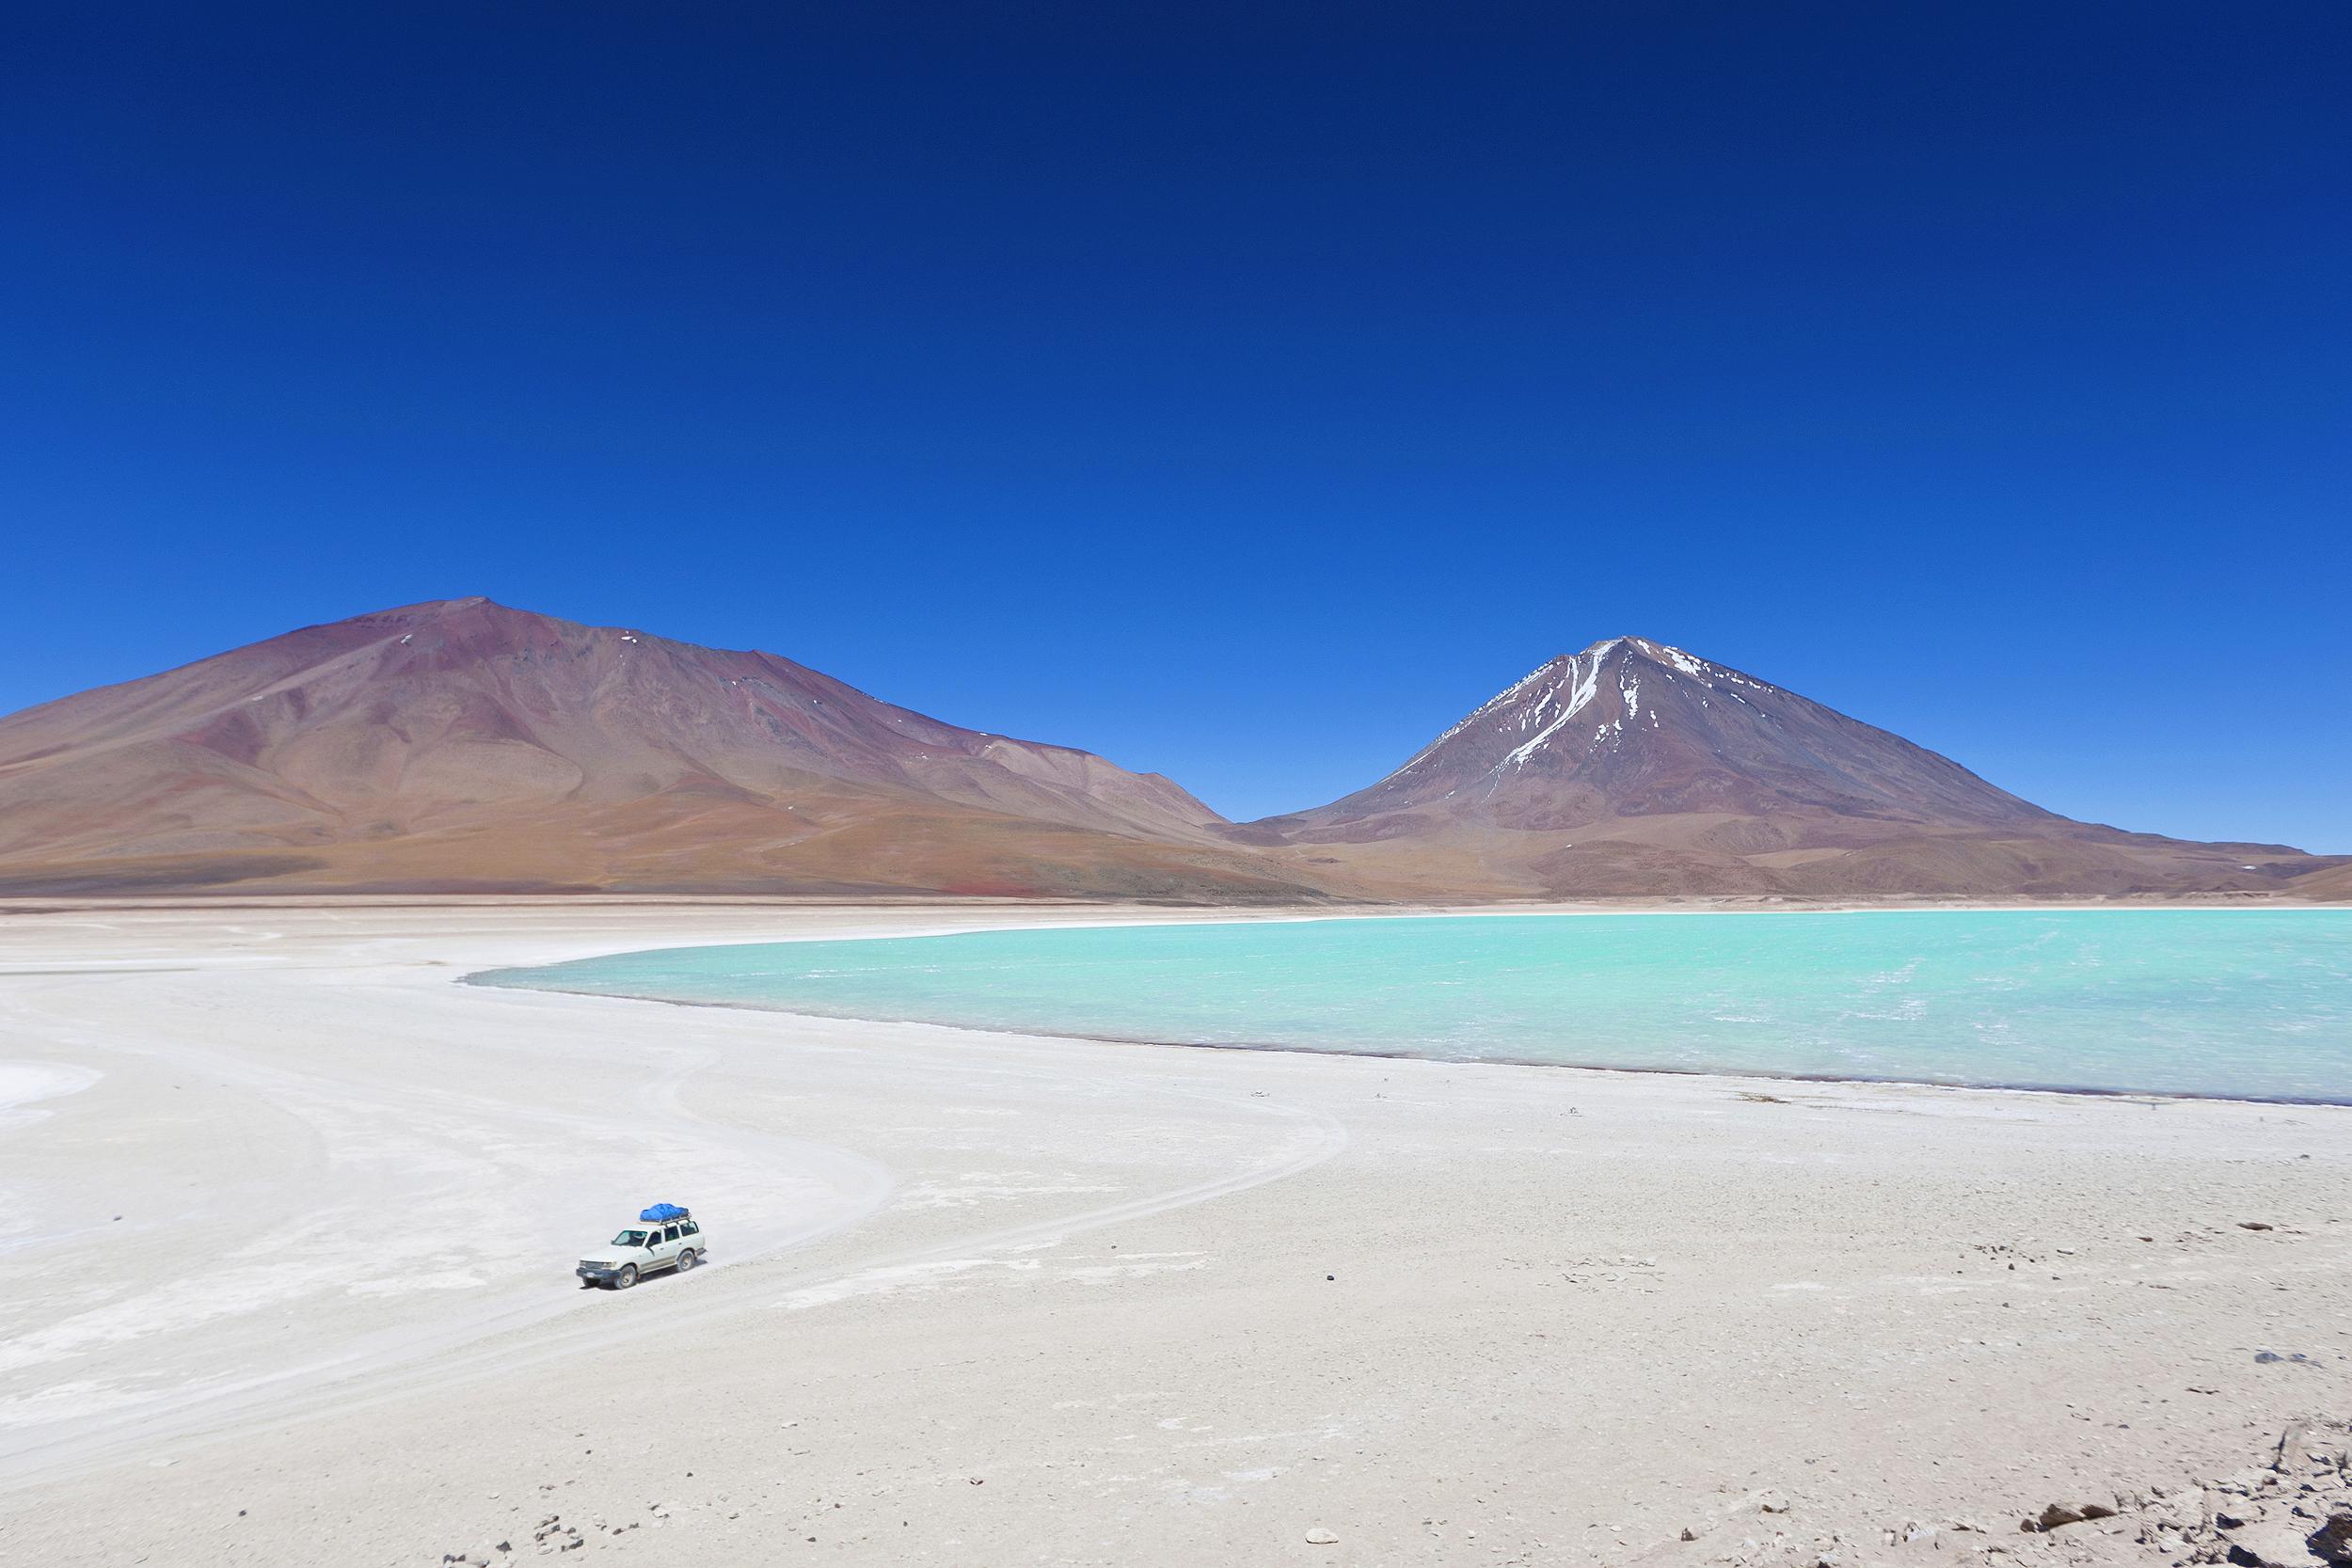 Laguna Verde, no Salar do Uyuni, na Bolívia, quase fronteira com o Chile, com o vulcão Licancabur ao fundo